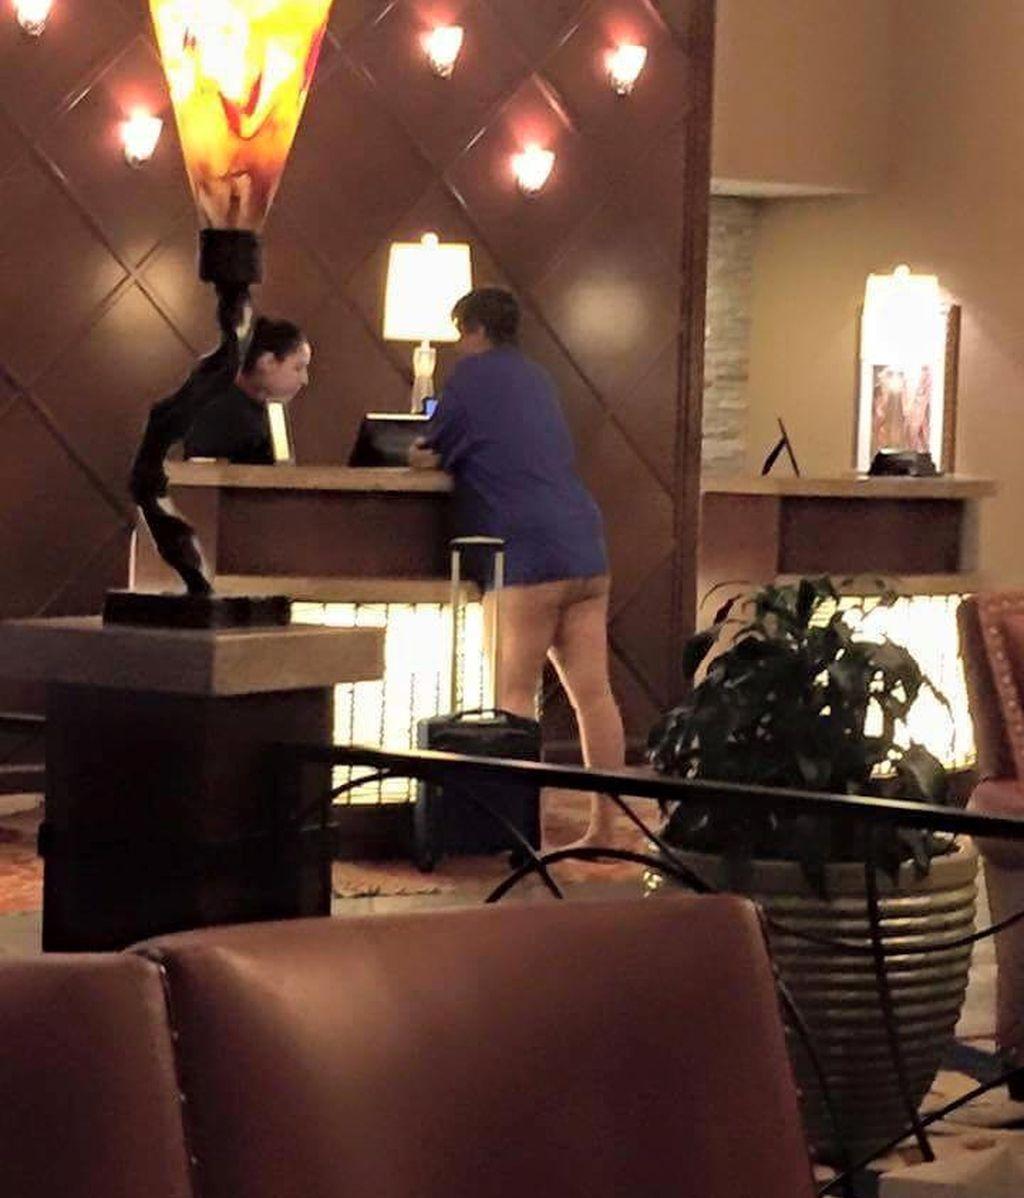 ¿Una clienta sin pudor o unos leggins de un desafortunado color?